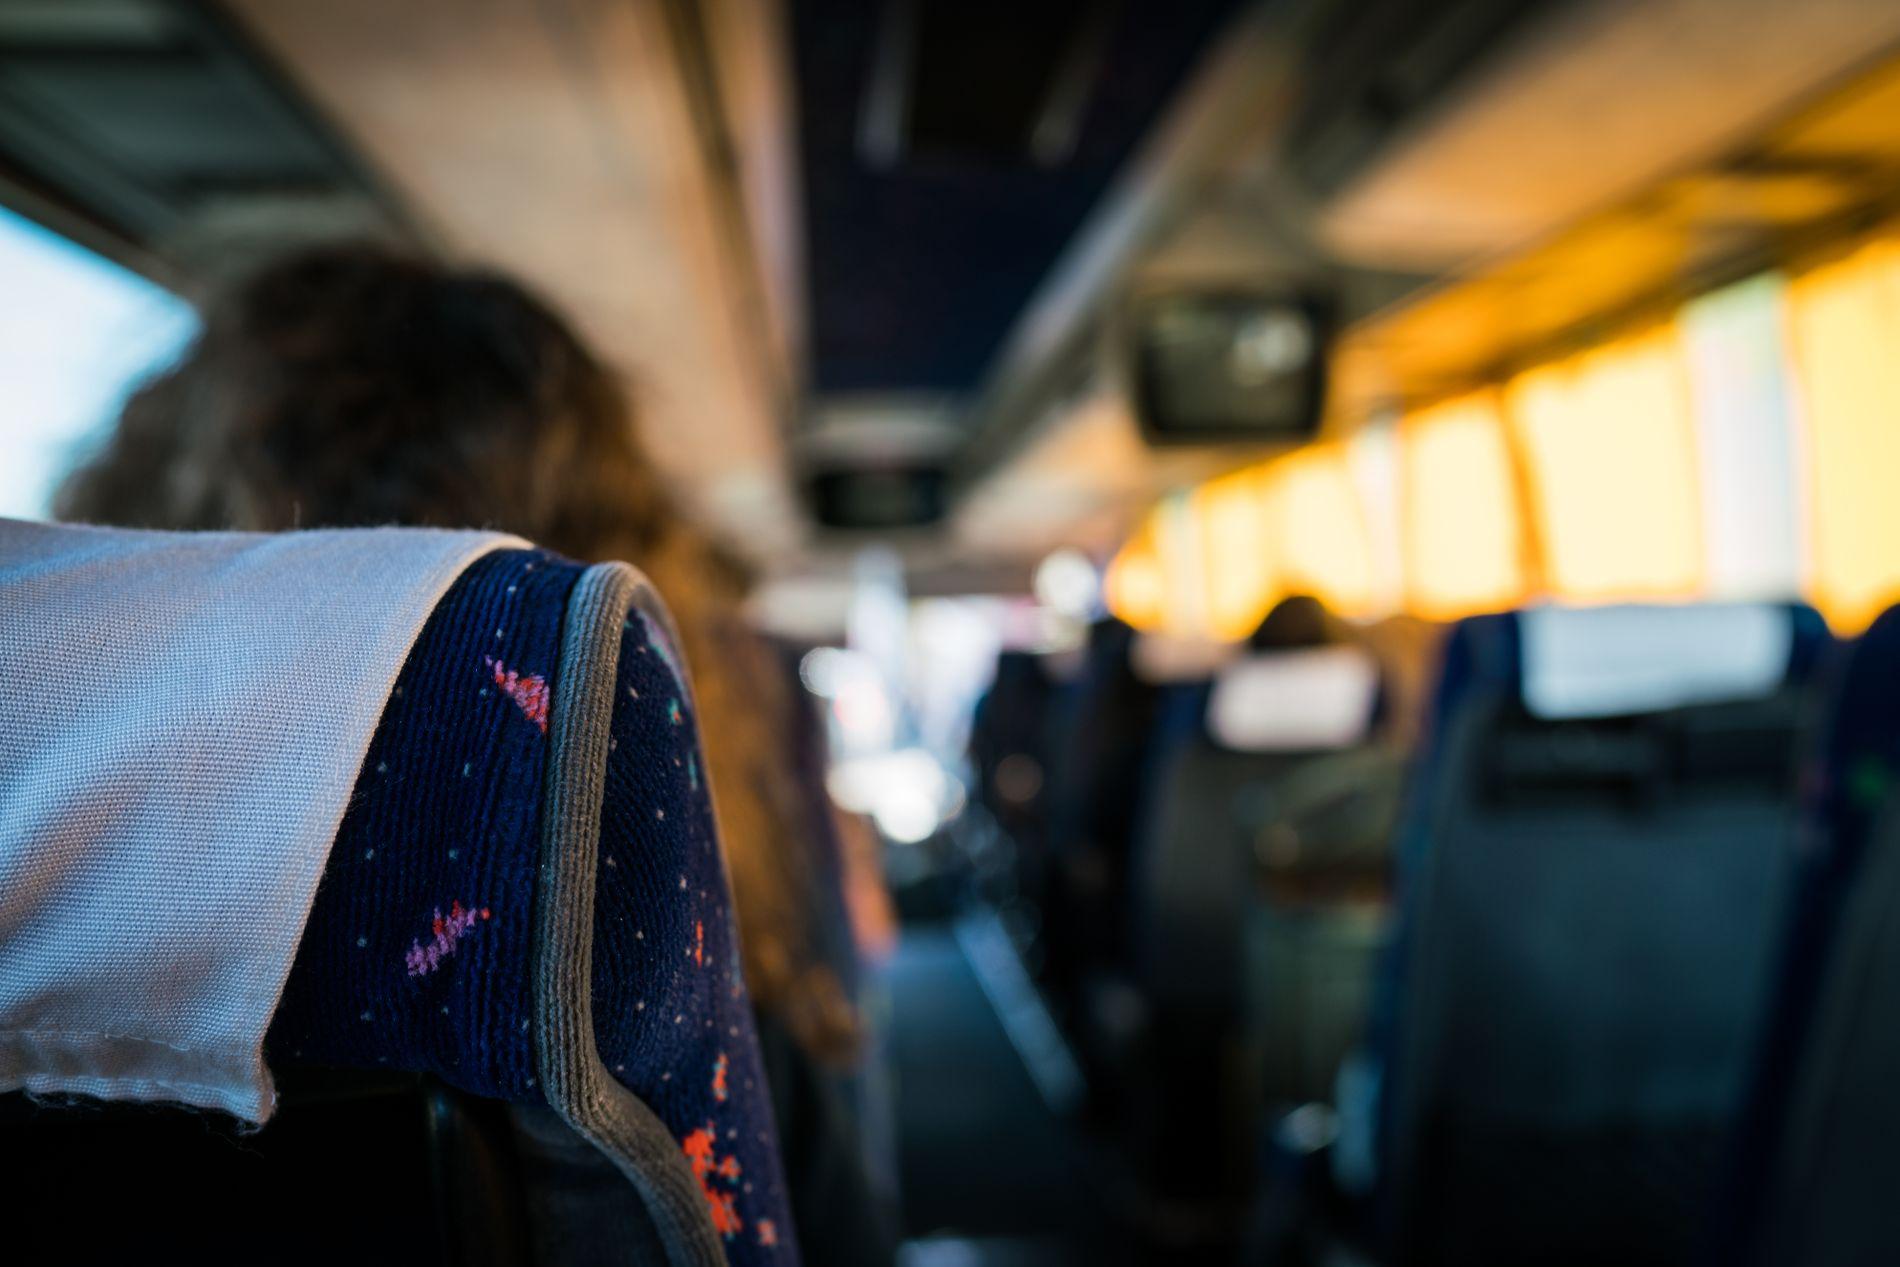 UBEHAGELIG: Jeg satt lenge og tenkte på om jeg skulle snu meg og si at denne samtalen er helt usmakelig, skriver busspassasjeren.